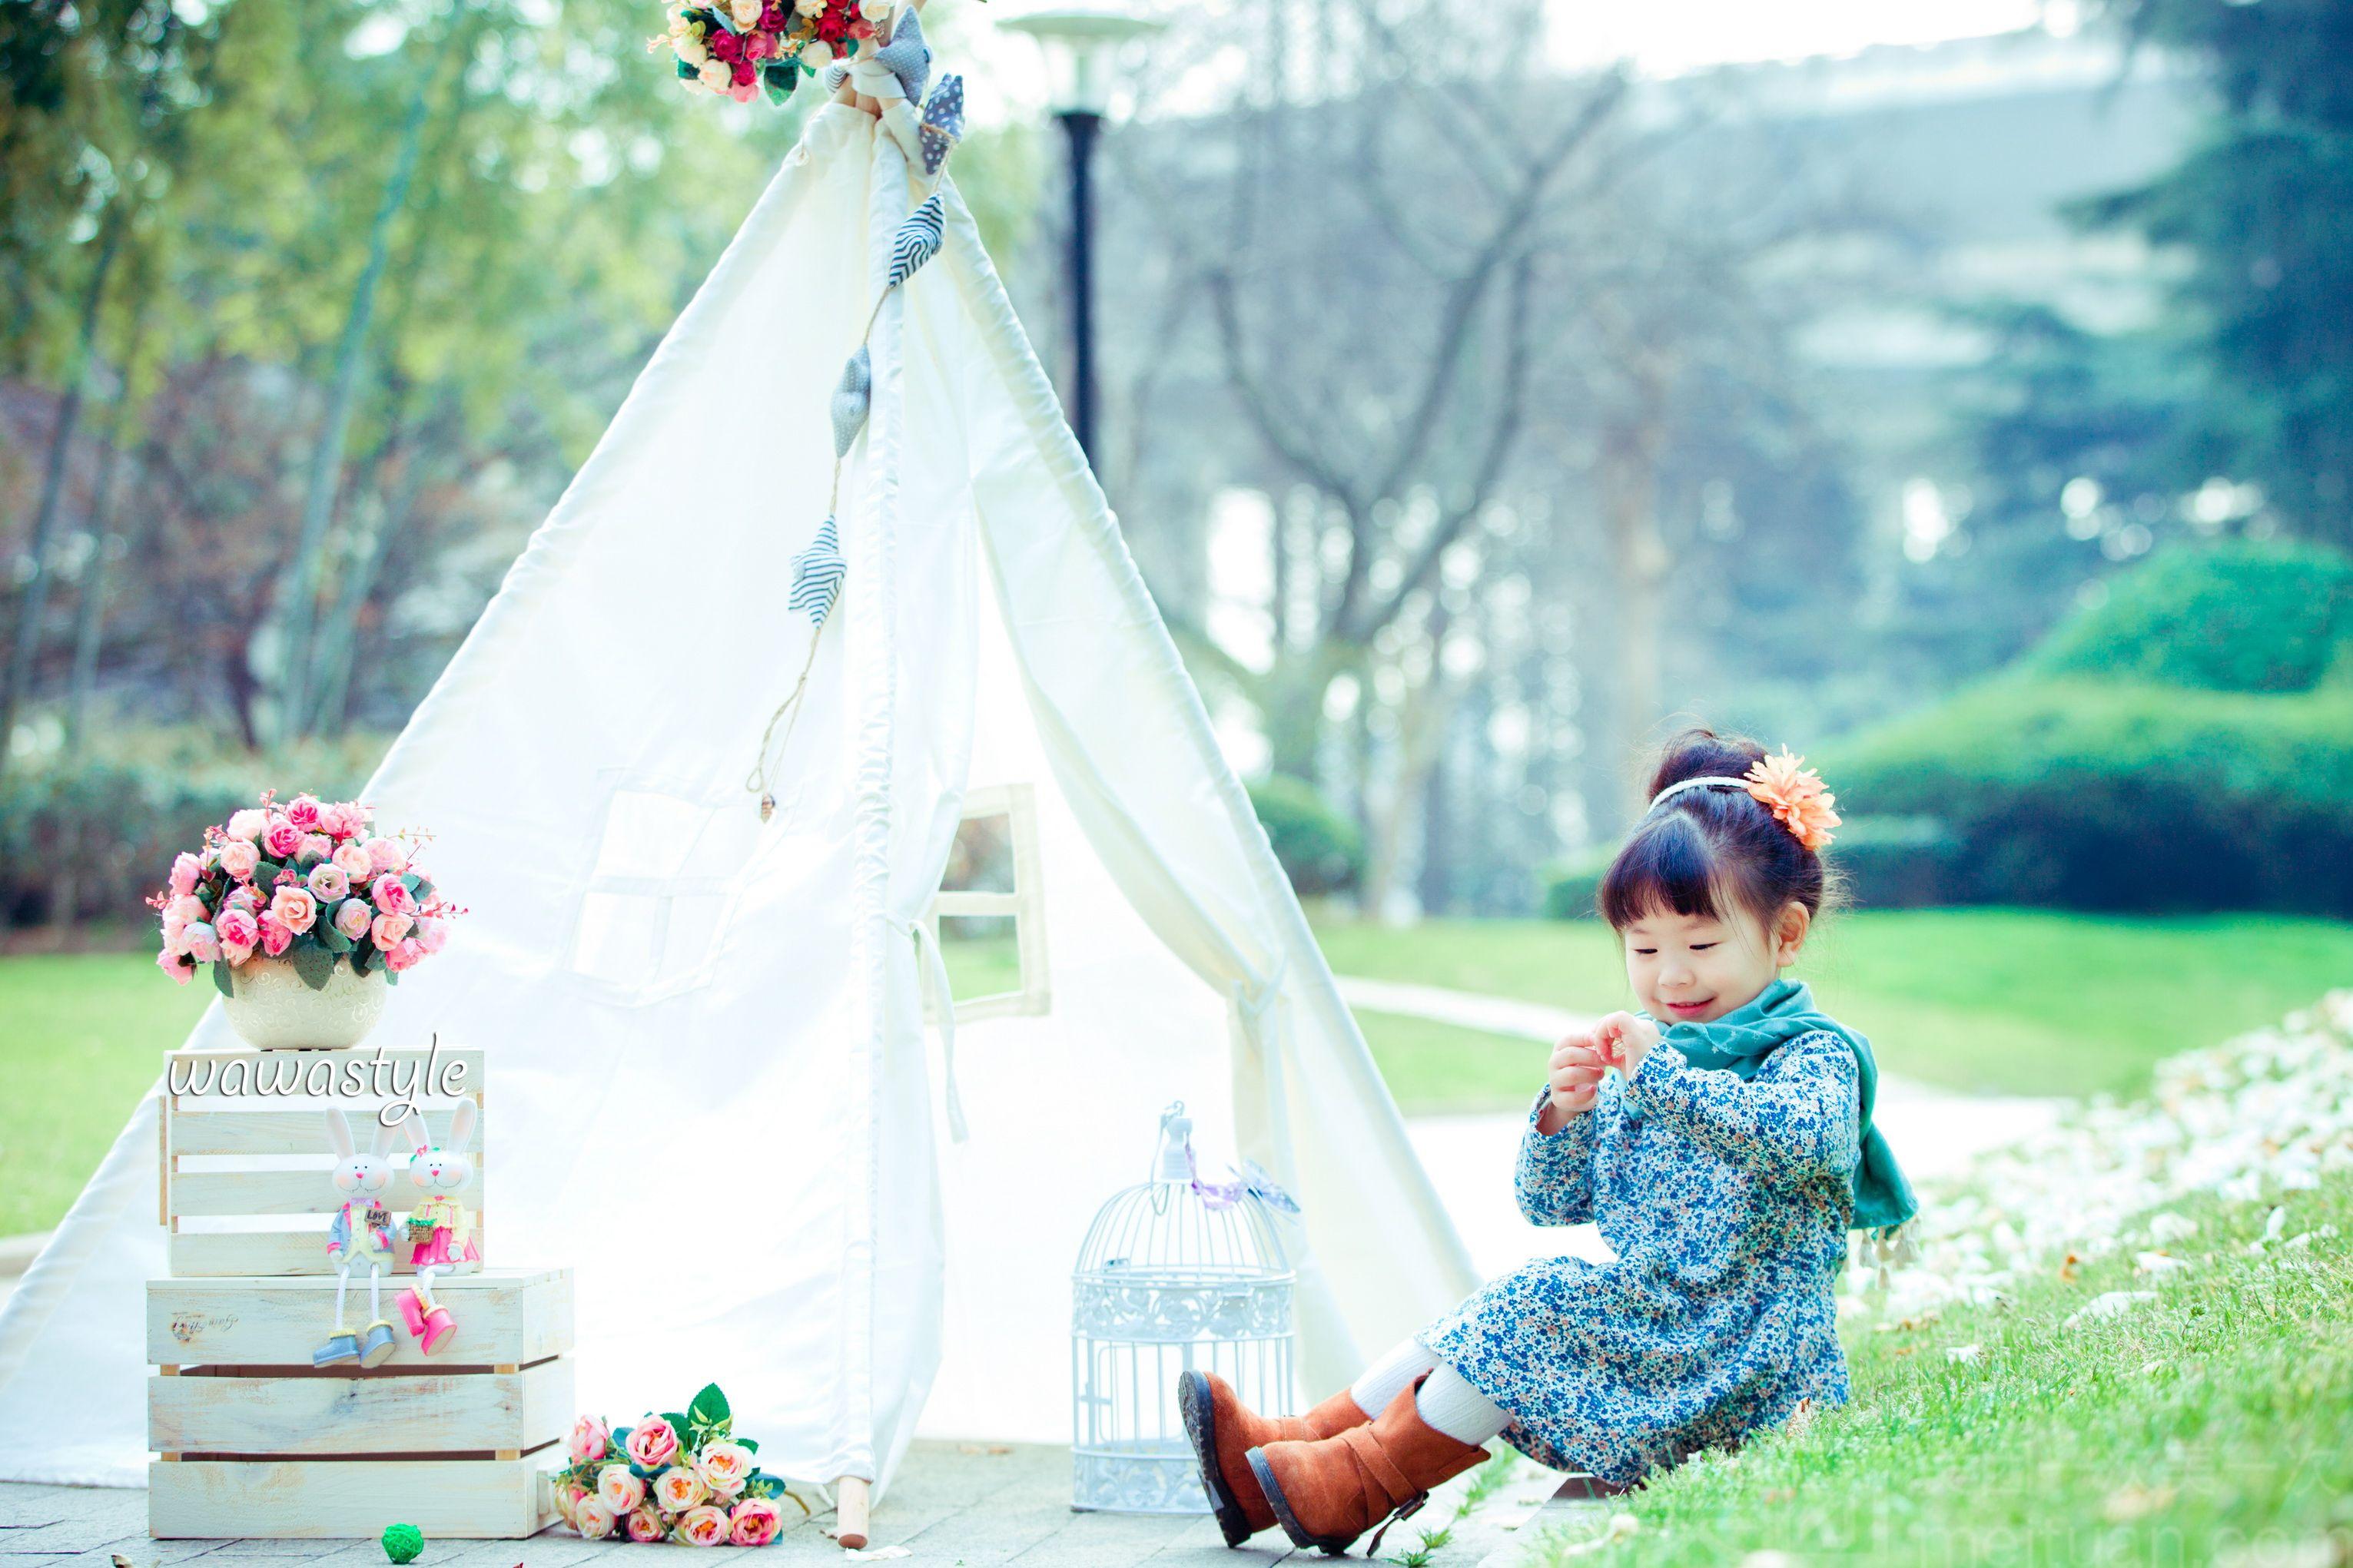 wawa style新春主题儿童摄影套餐